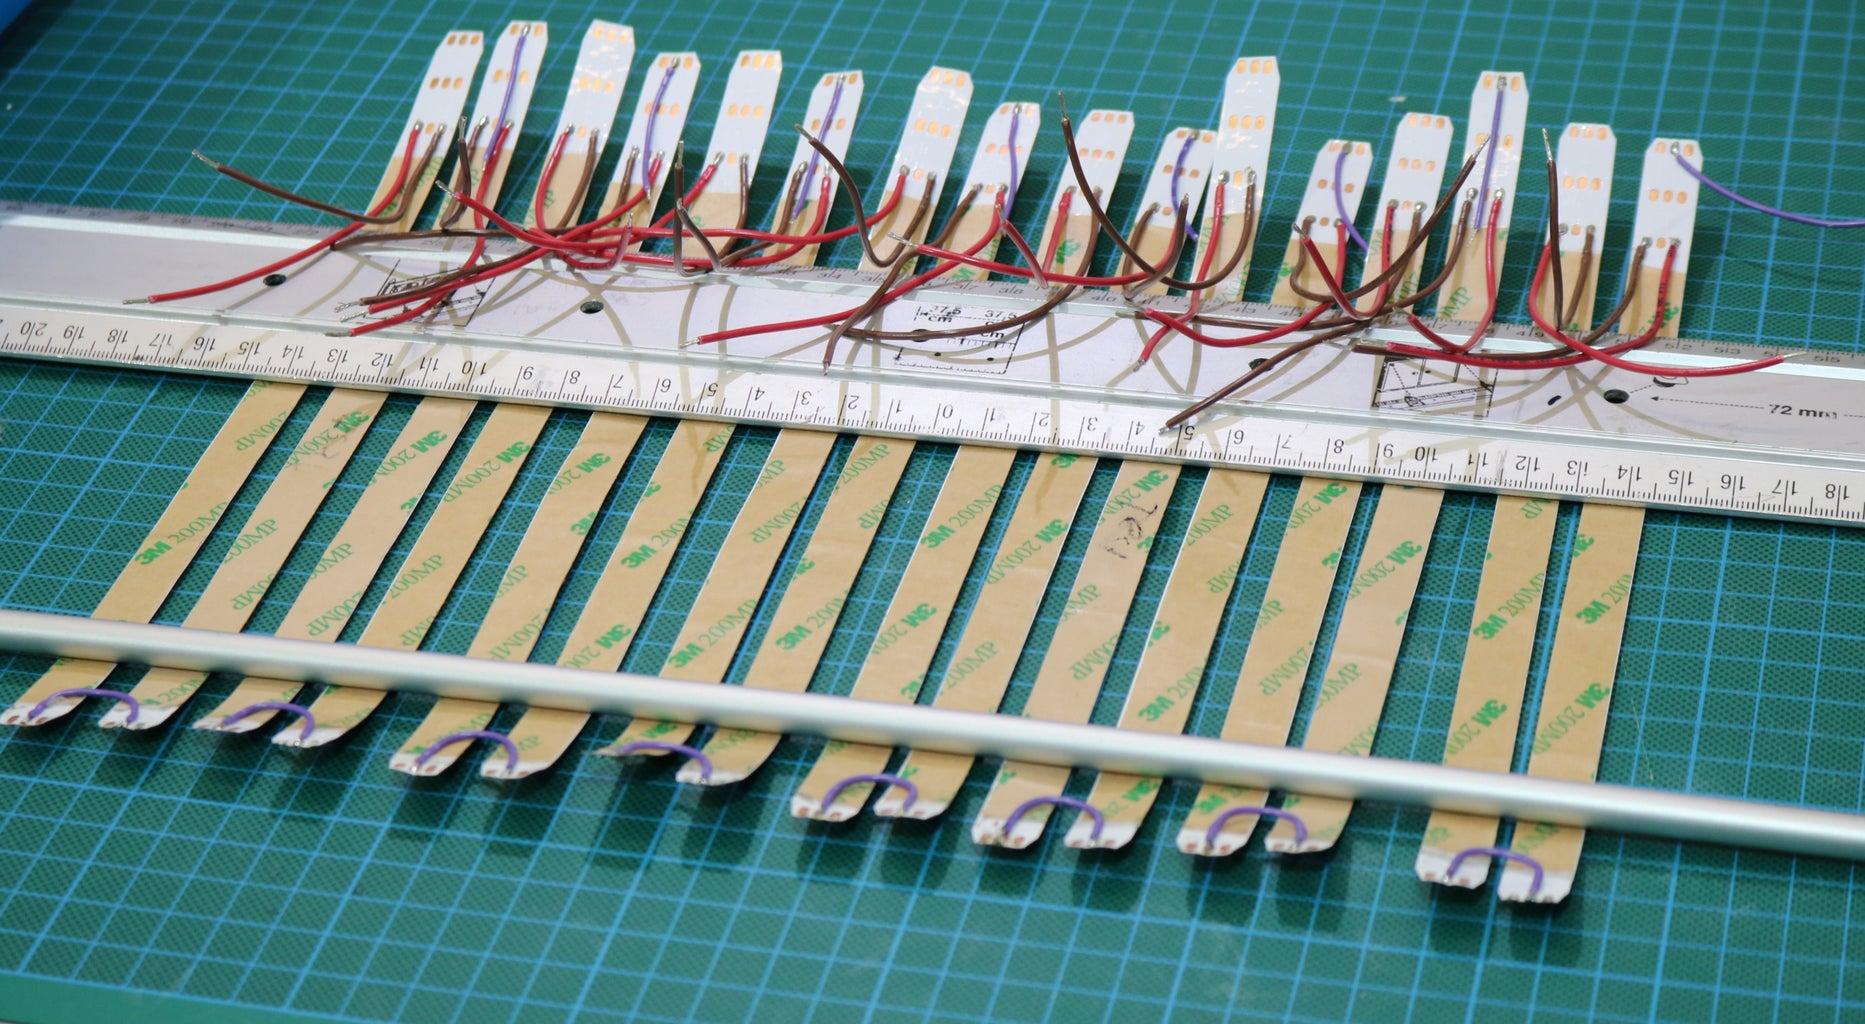 LEDs Solder